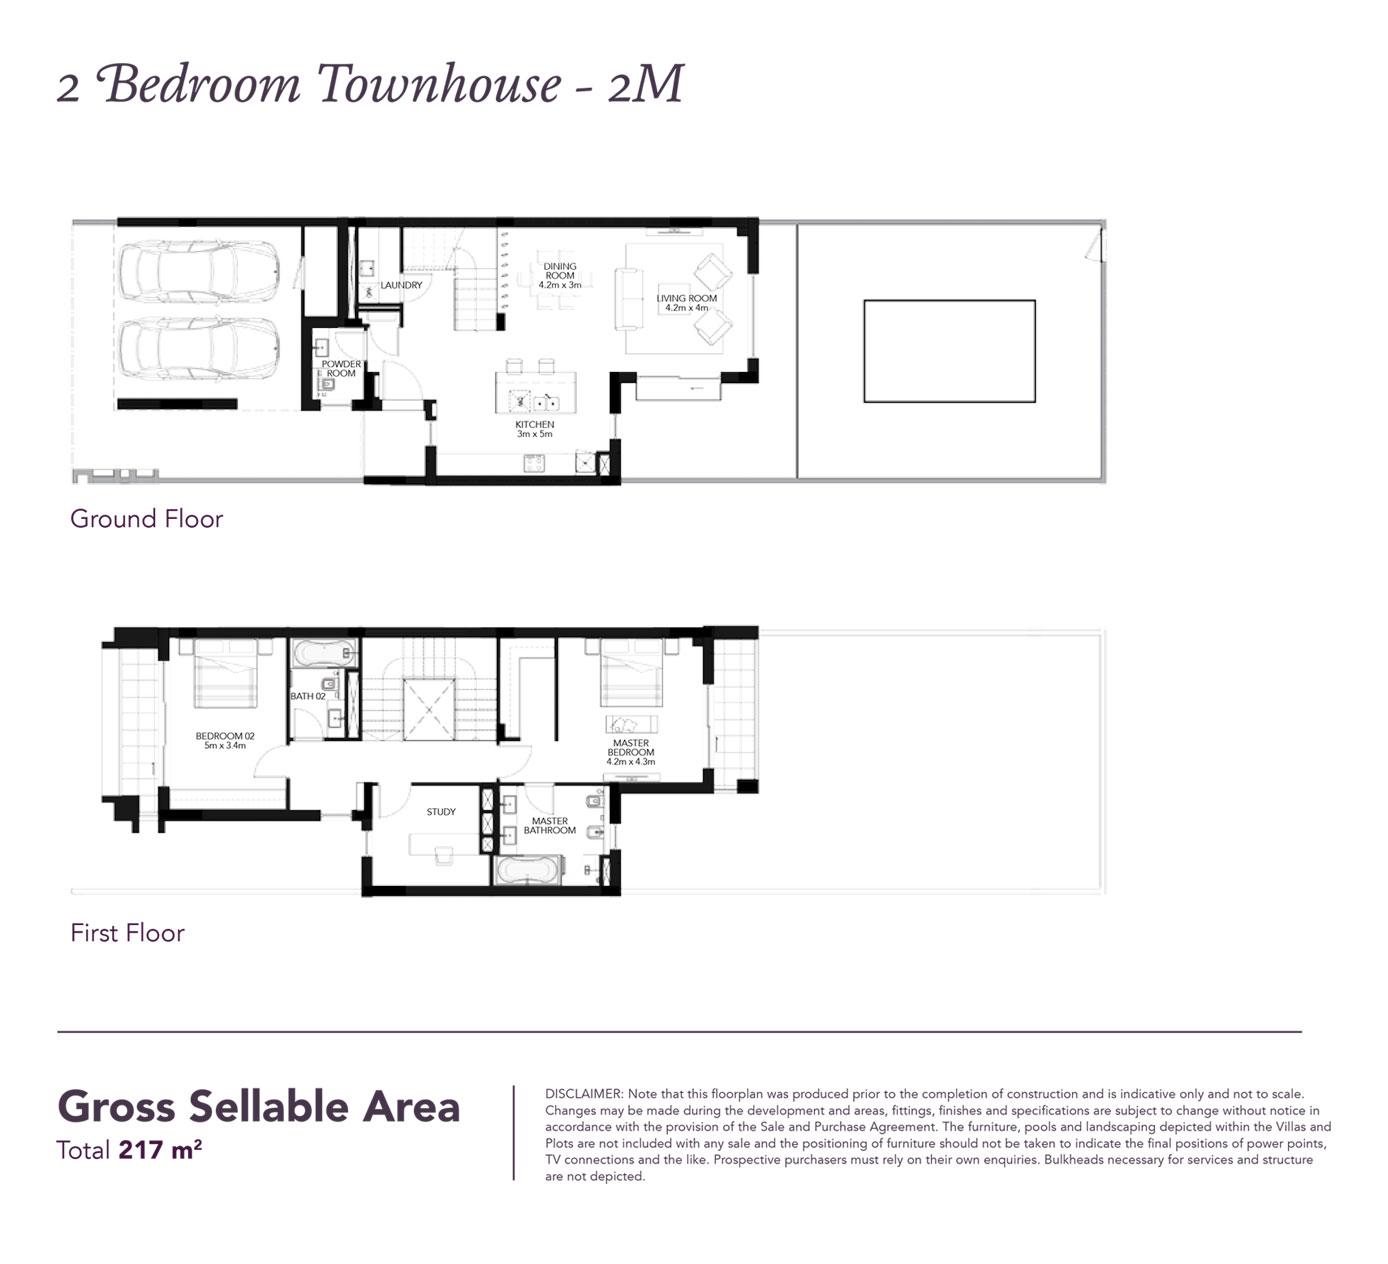 2 Beds Townhouse - Built up area 2,335 SqFt